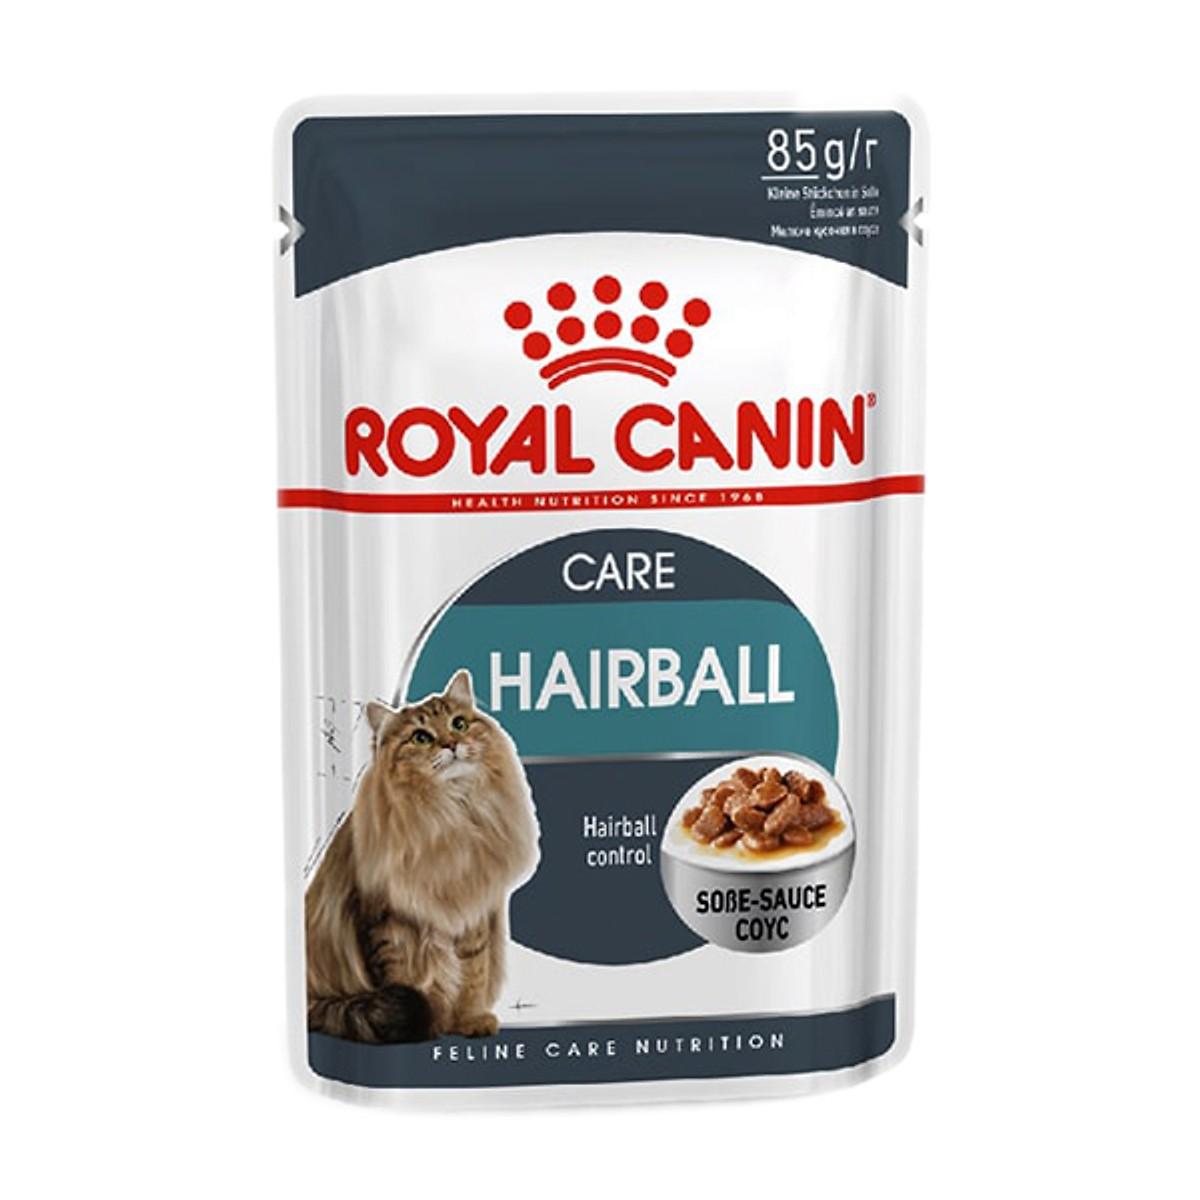 Pate ROYAL CANIN HAIRBALL cho Mèo 85g